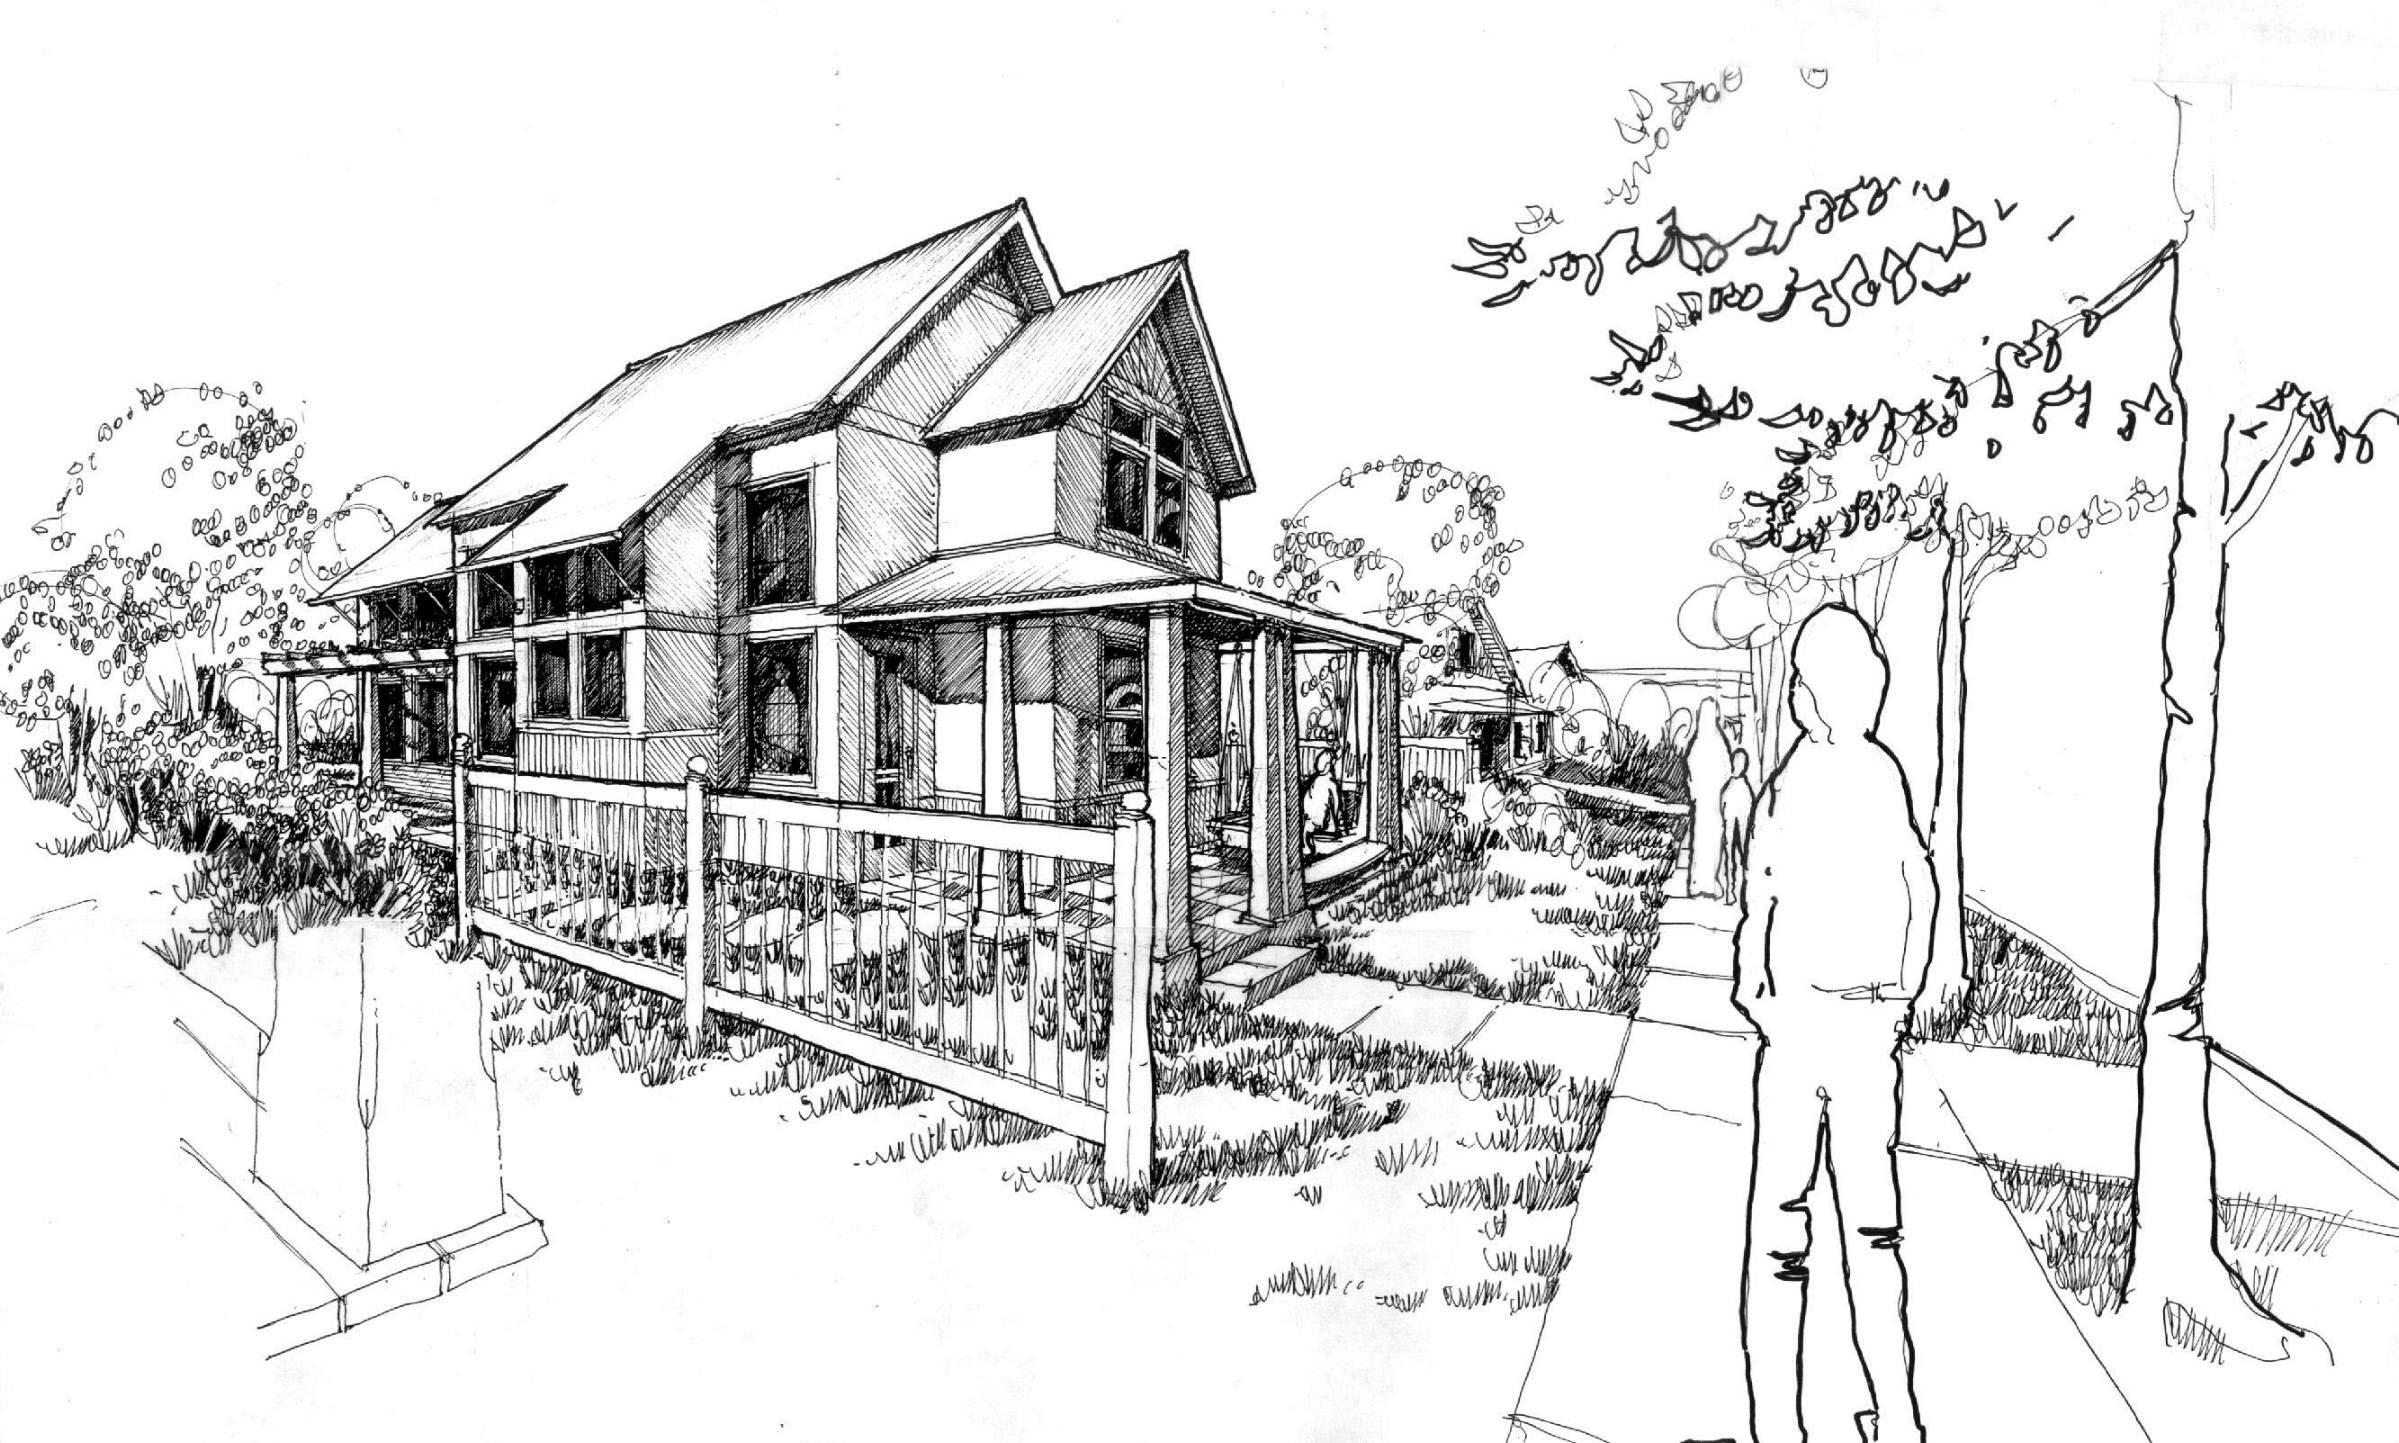 Shiland Residence